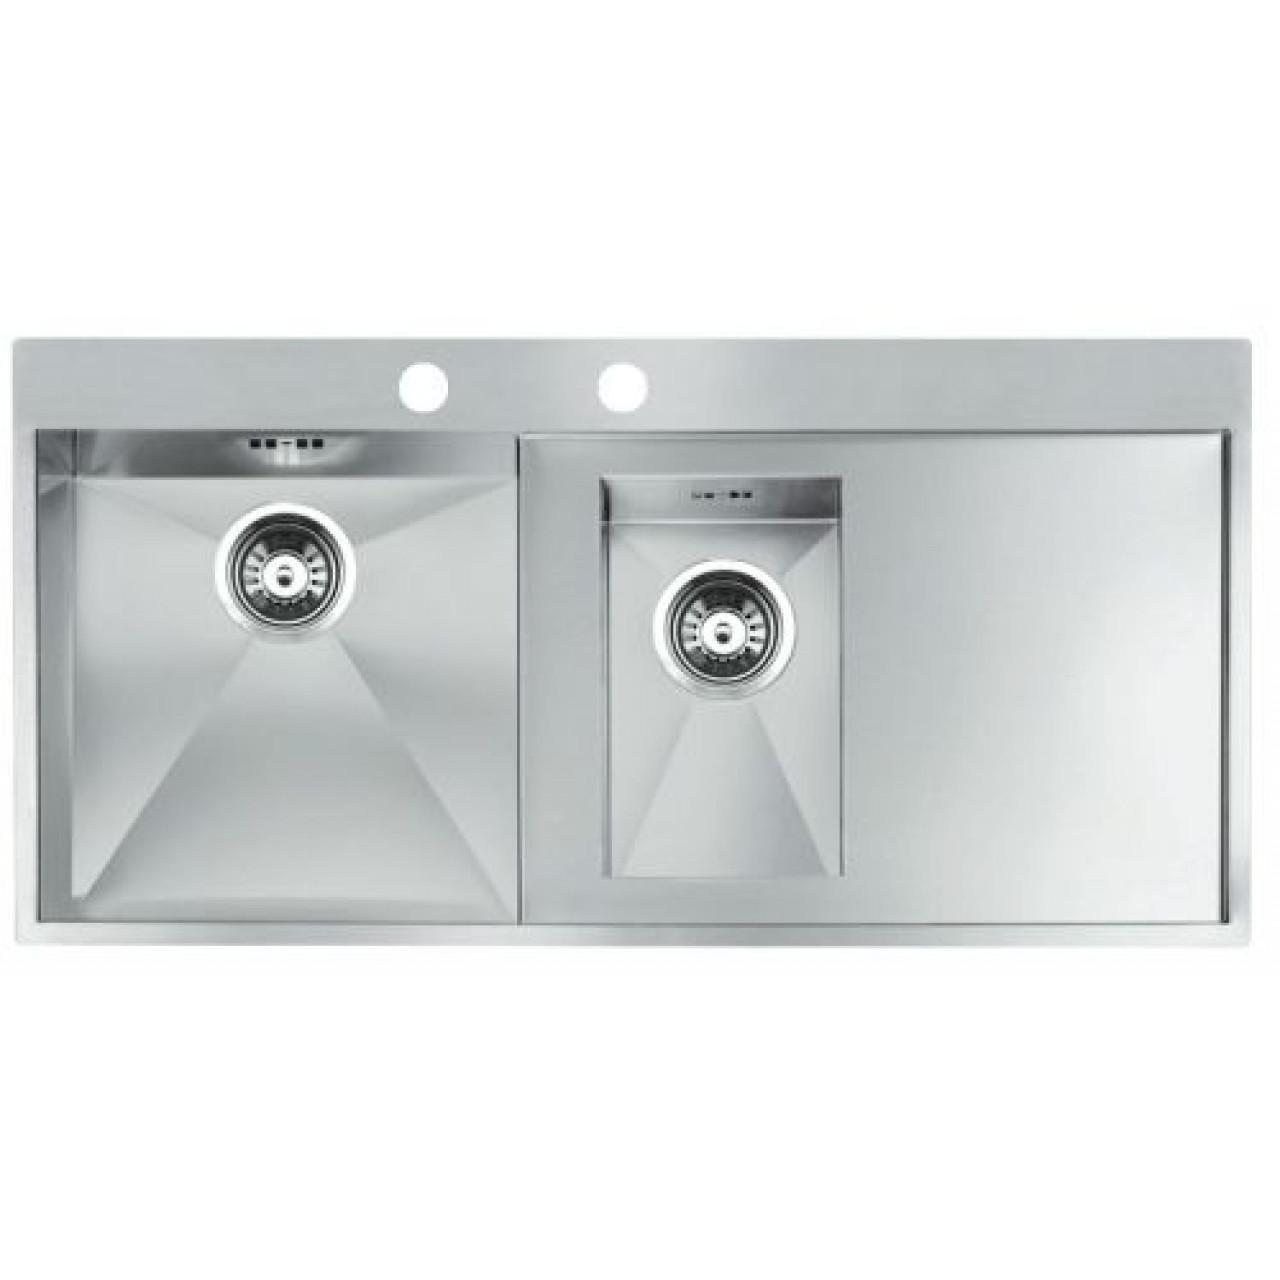 Кухонная мойка Reginox Ontario L 1.5 OKG left купить в Москве по цене от 74700р. в интернет-магазине mebel-v-vannu.ru